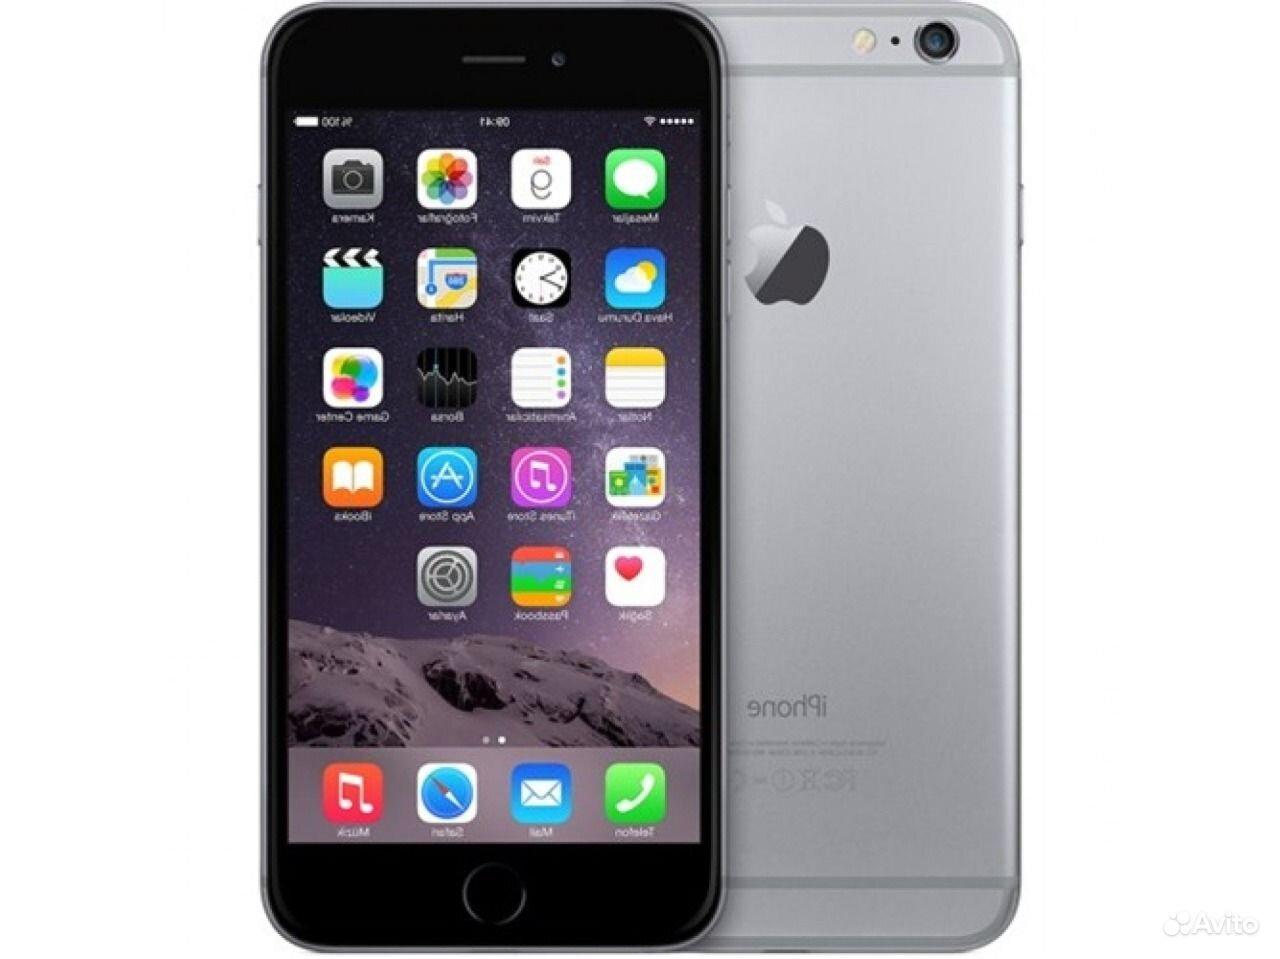 Айфон 4 пермь купить айфон с большим экраном купить